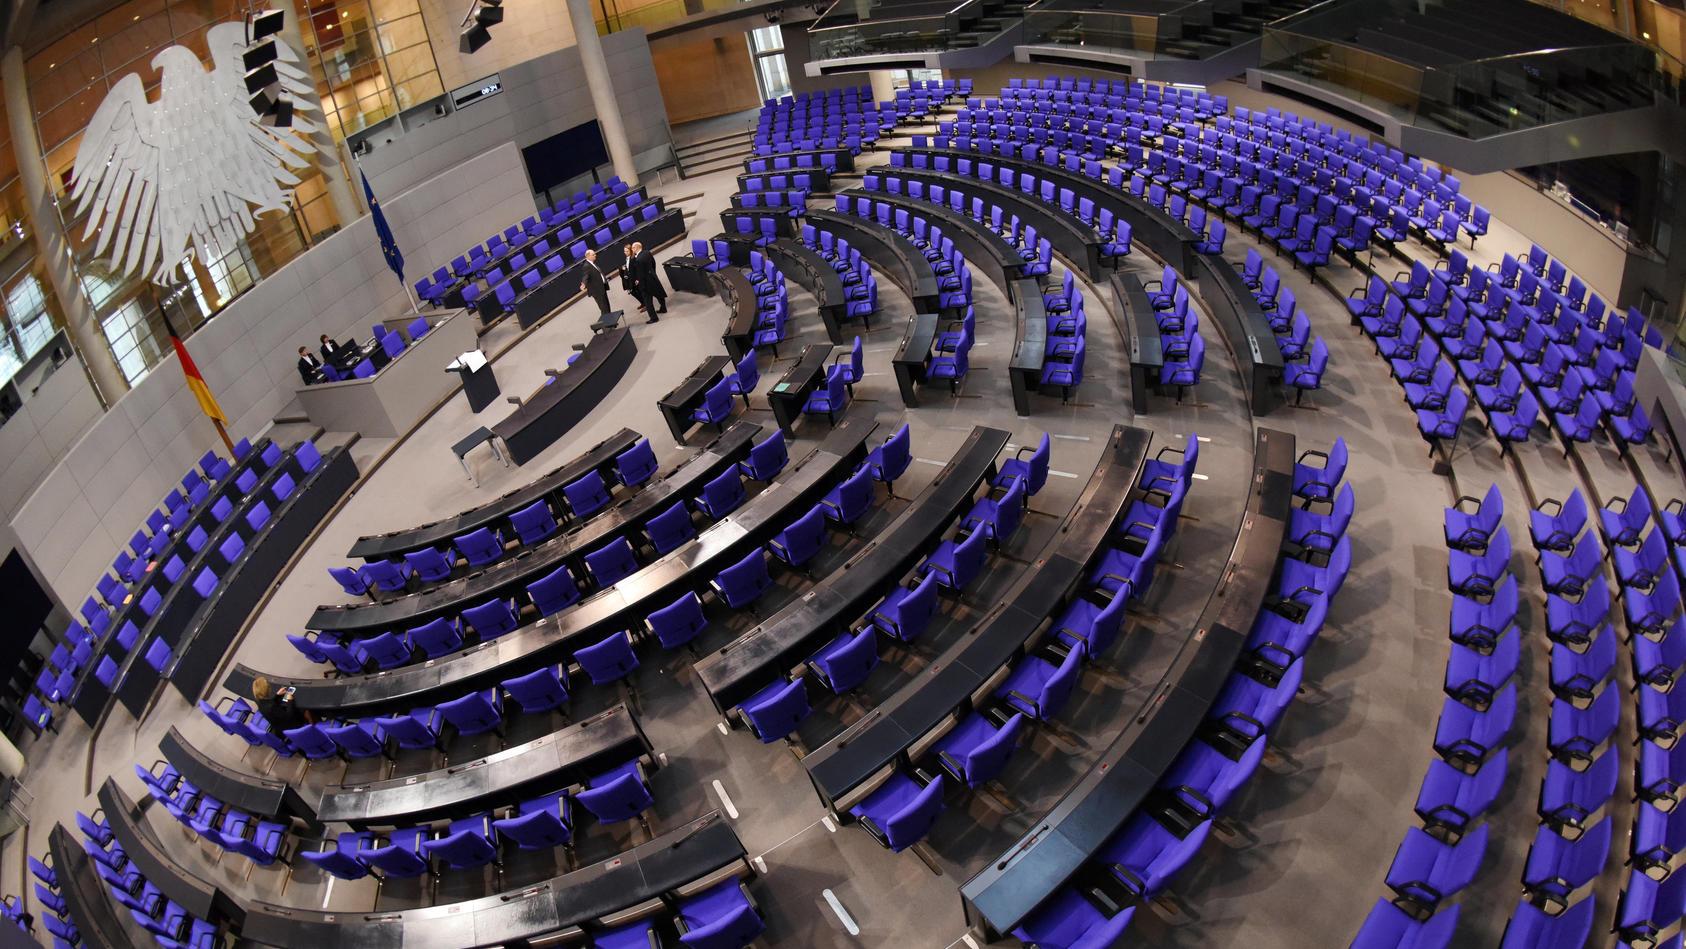 noch-sind-die-sitze-leer-zur-ersten-sitzung-des-bundestages-wird-es-mit-736-abgeordneten-deutlich-voller-werden